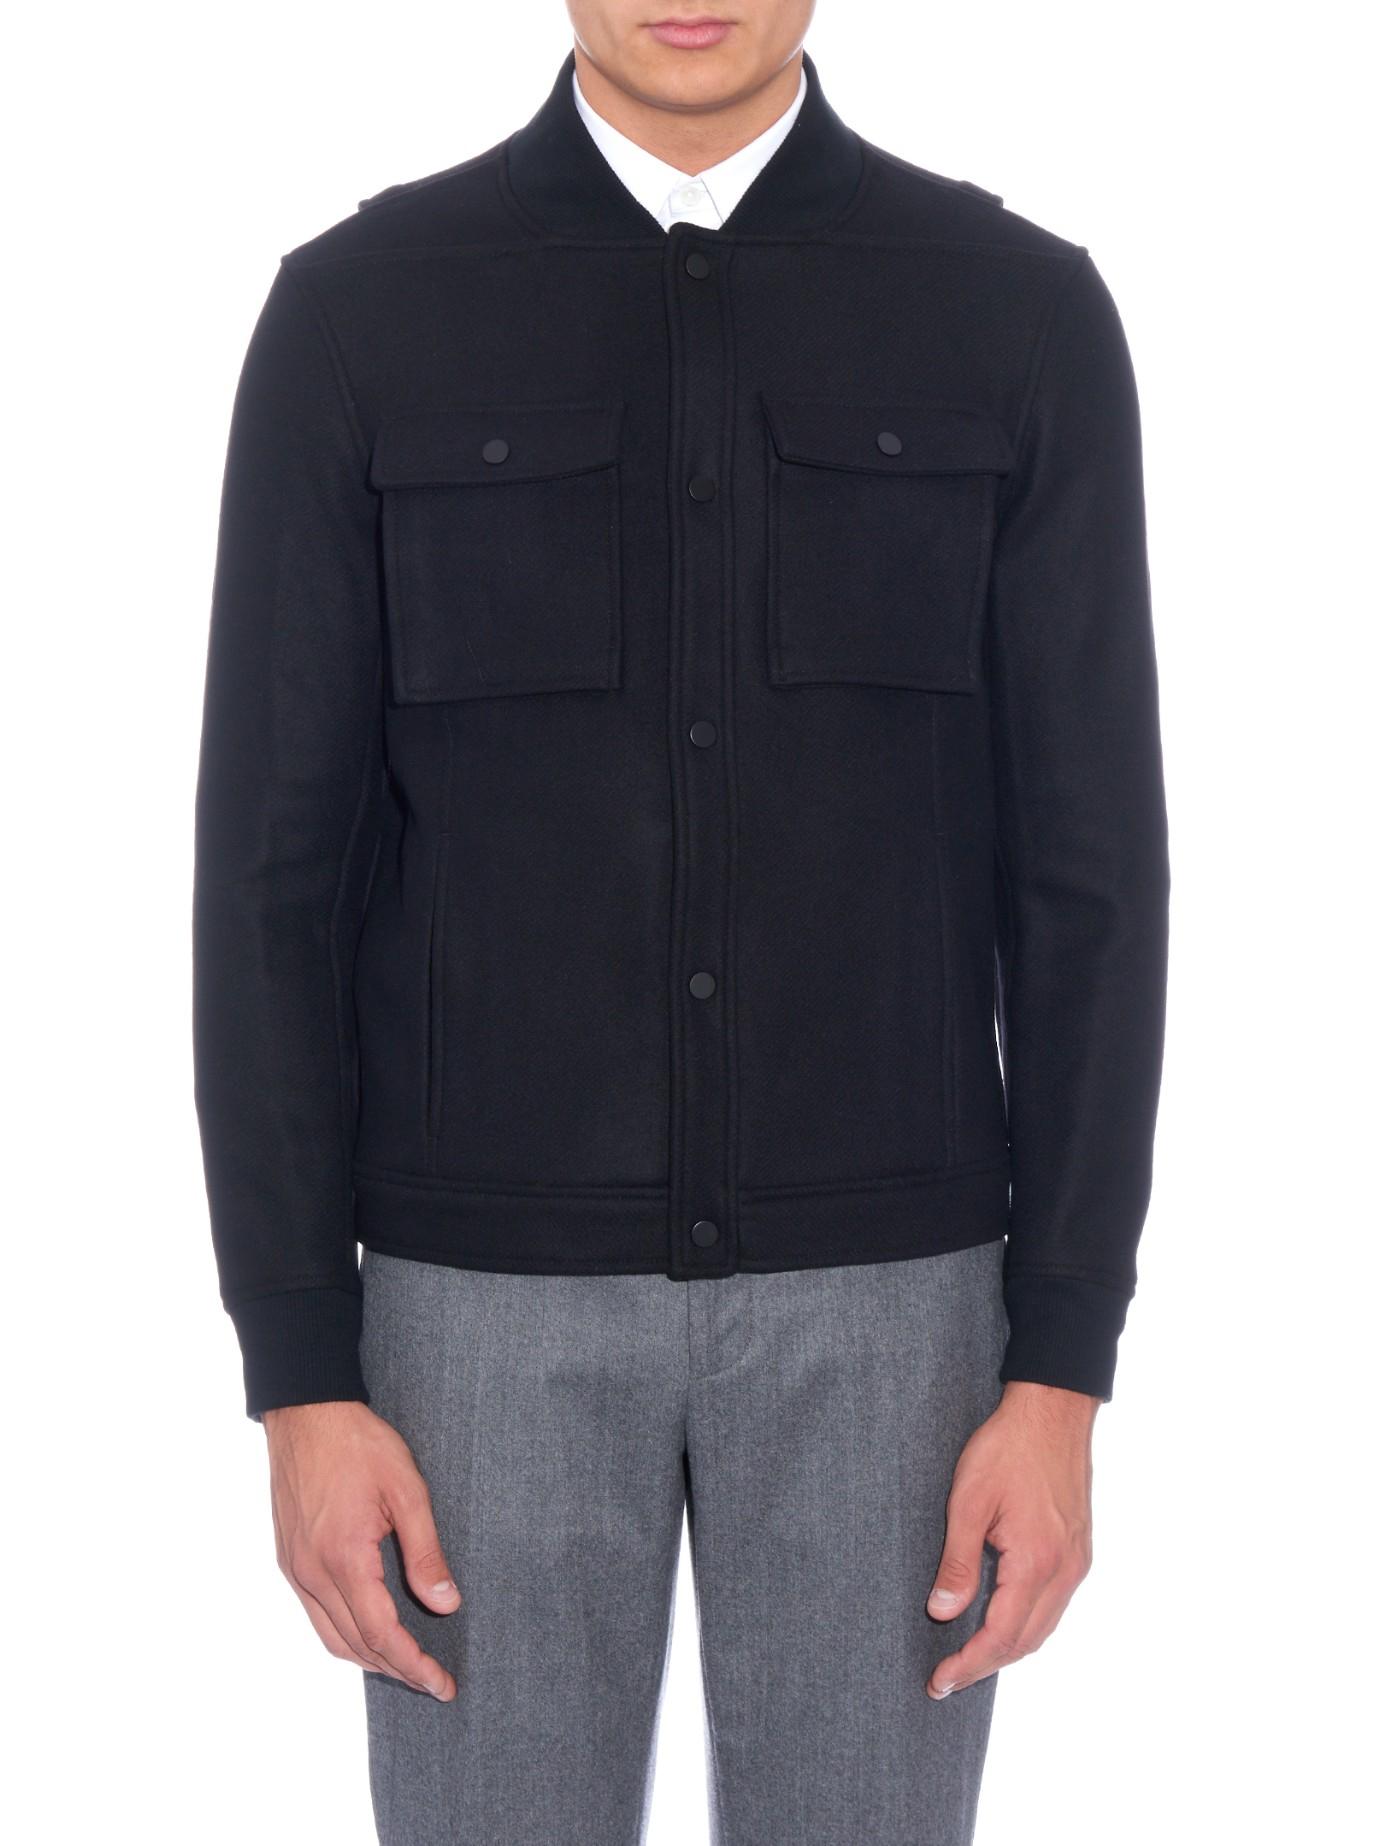 Public School Wool-blend Bomber Jacket in Black for Men